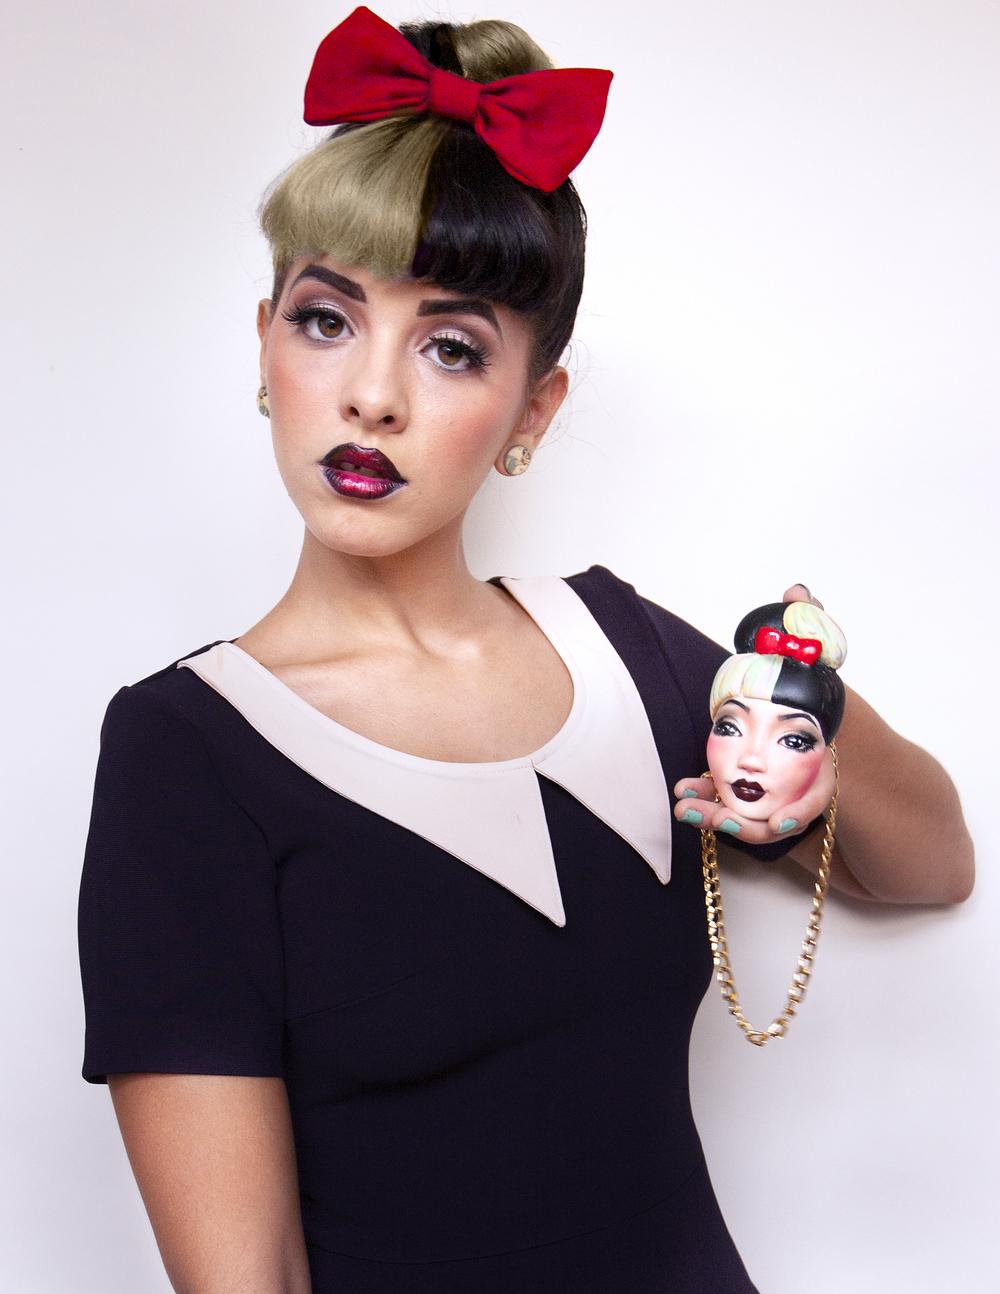 Pidgin + Melanie Martinez  Pidgin Doll - Hairstyle Games